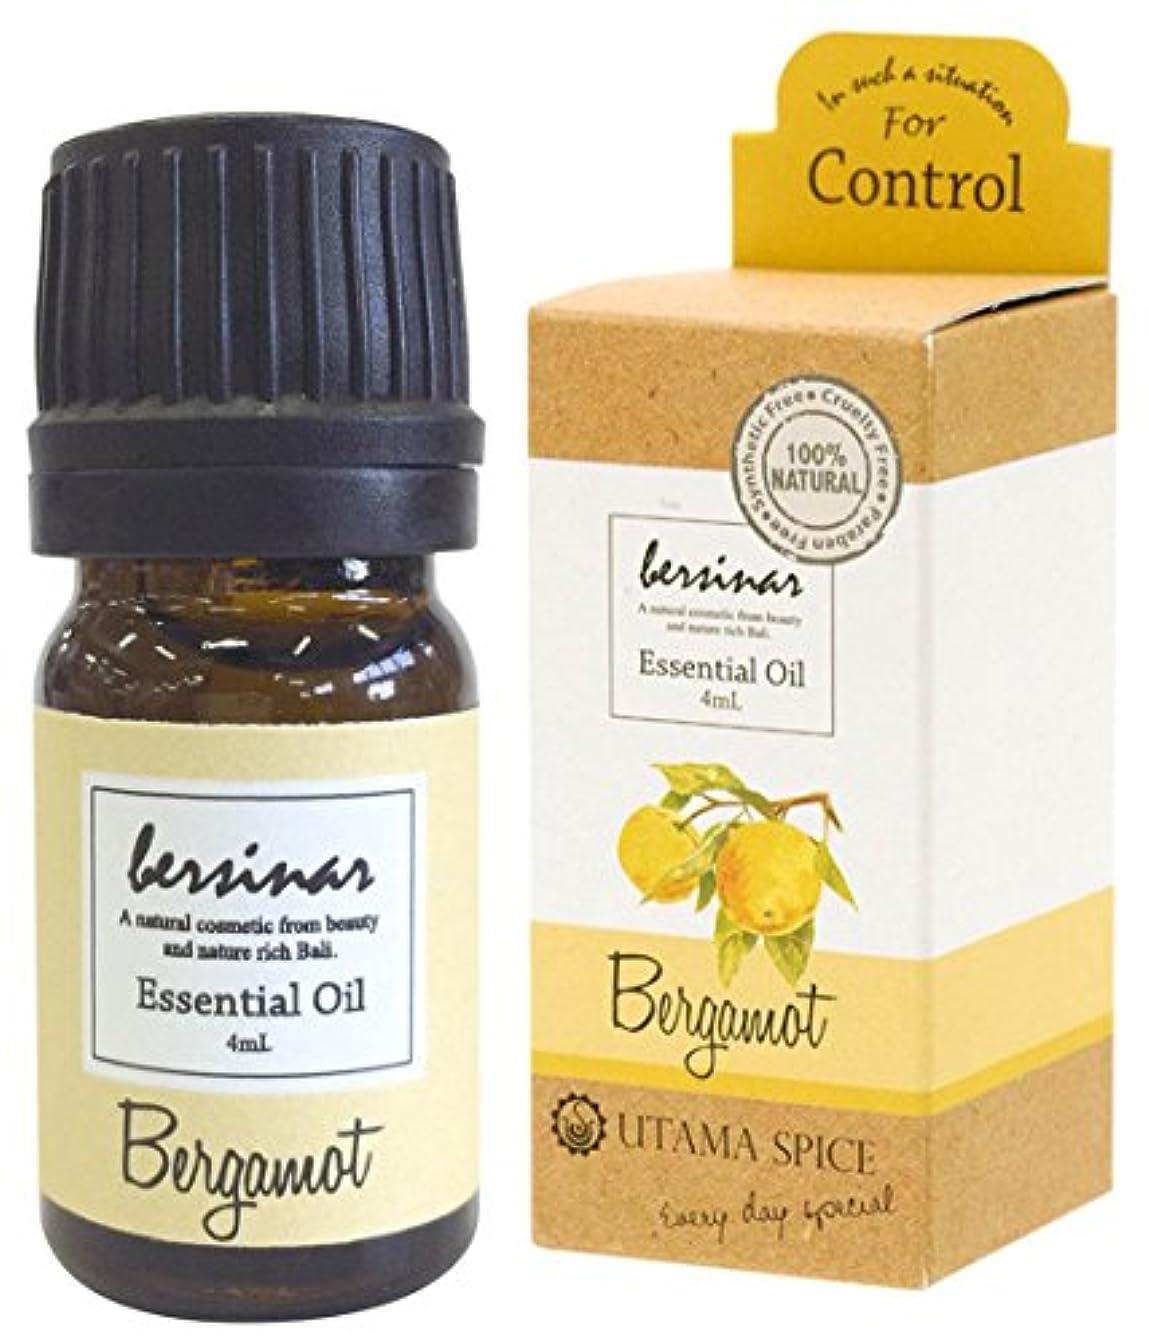 おめでとうわかるビリーウタマスパイス アロマオイル ベルシナル ベルガモットの香り 4ml OE-UTO-1-6